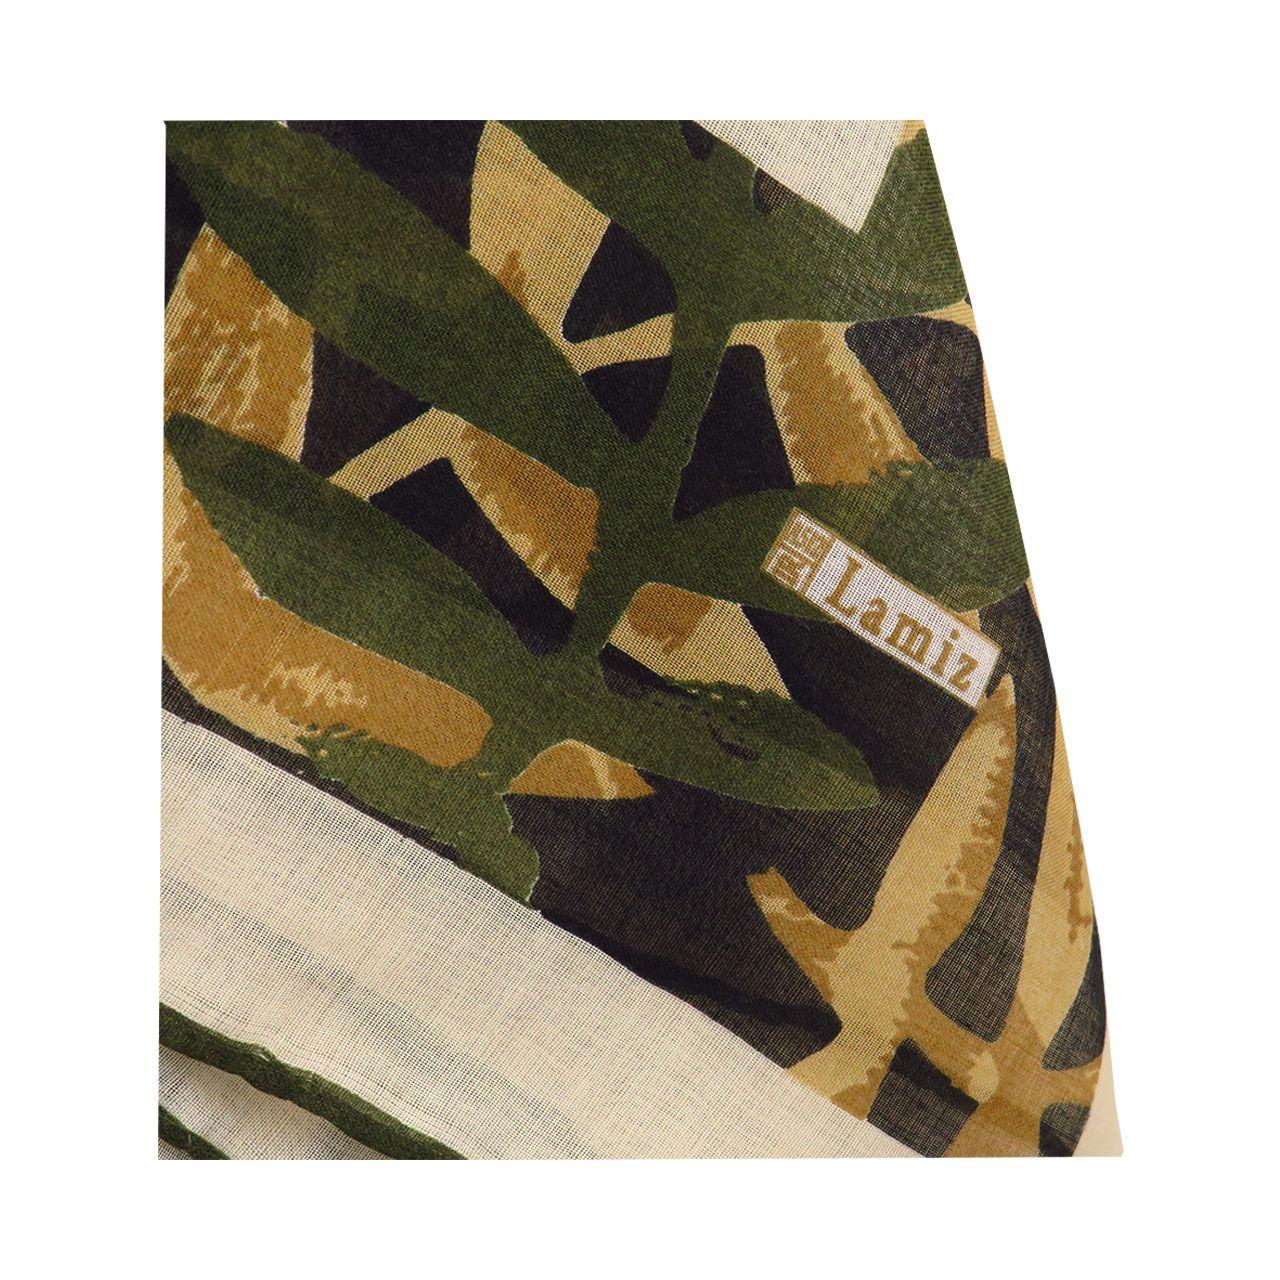 روسری زنانه لمیز مدل برگ  -  - 10